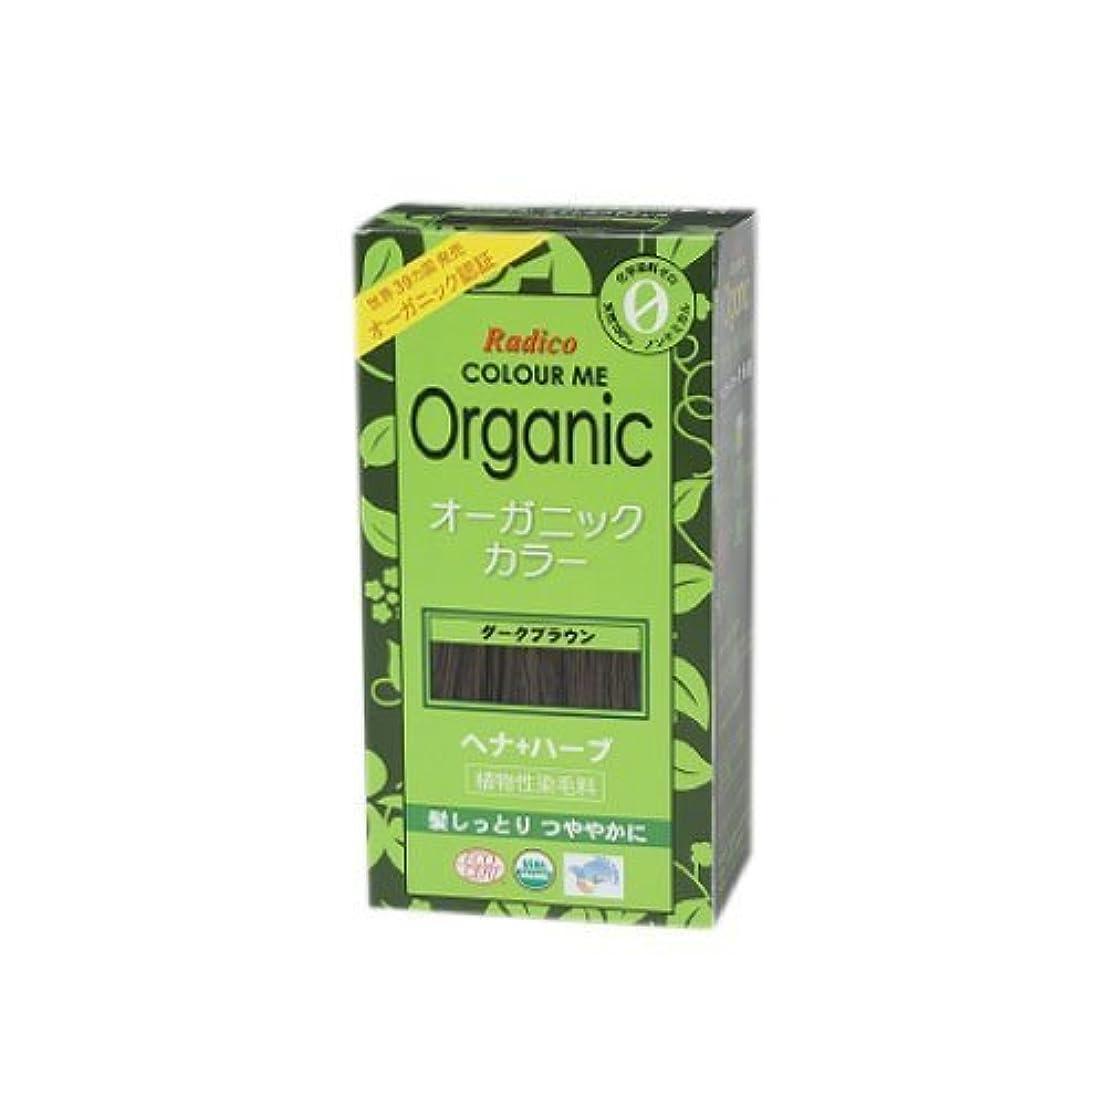 ボルト期待して行き当たりばったりCOLOURME Organic (カラーミーオーガニック ヘナ 白髪用) ダークブラウン 100g